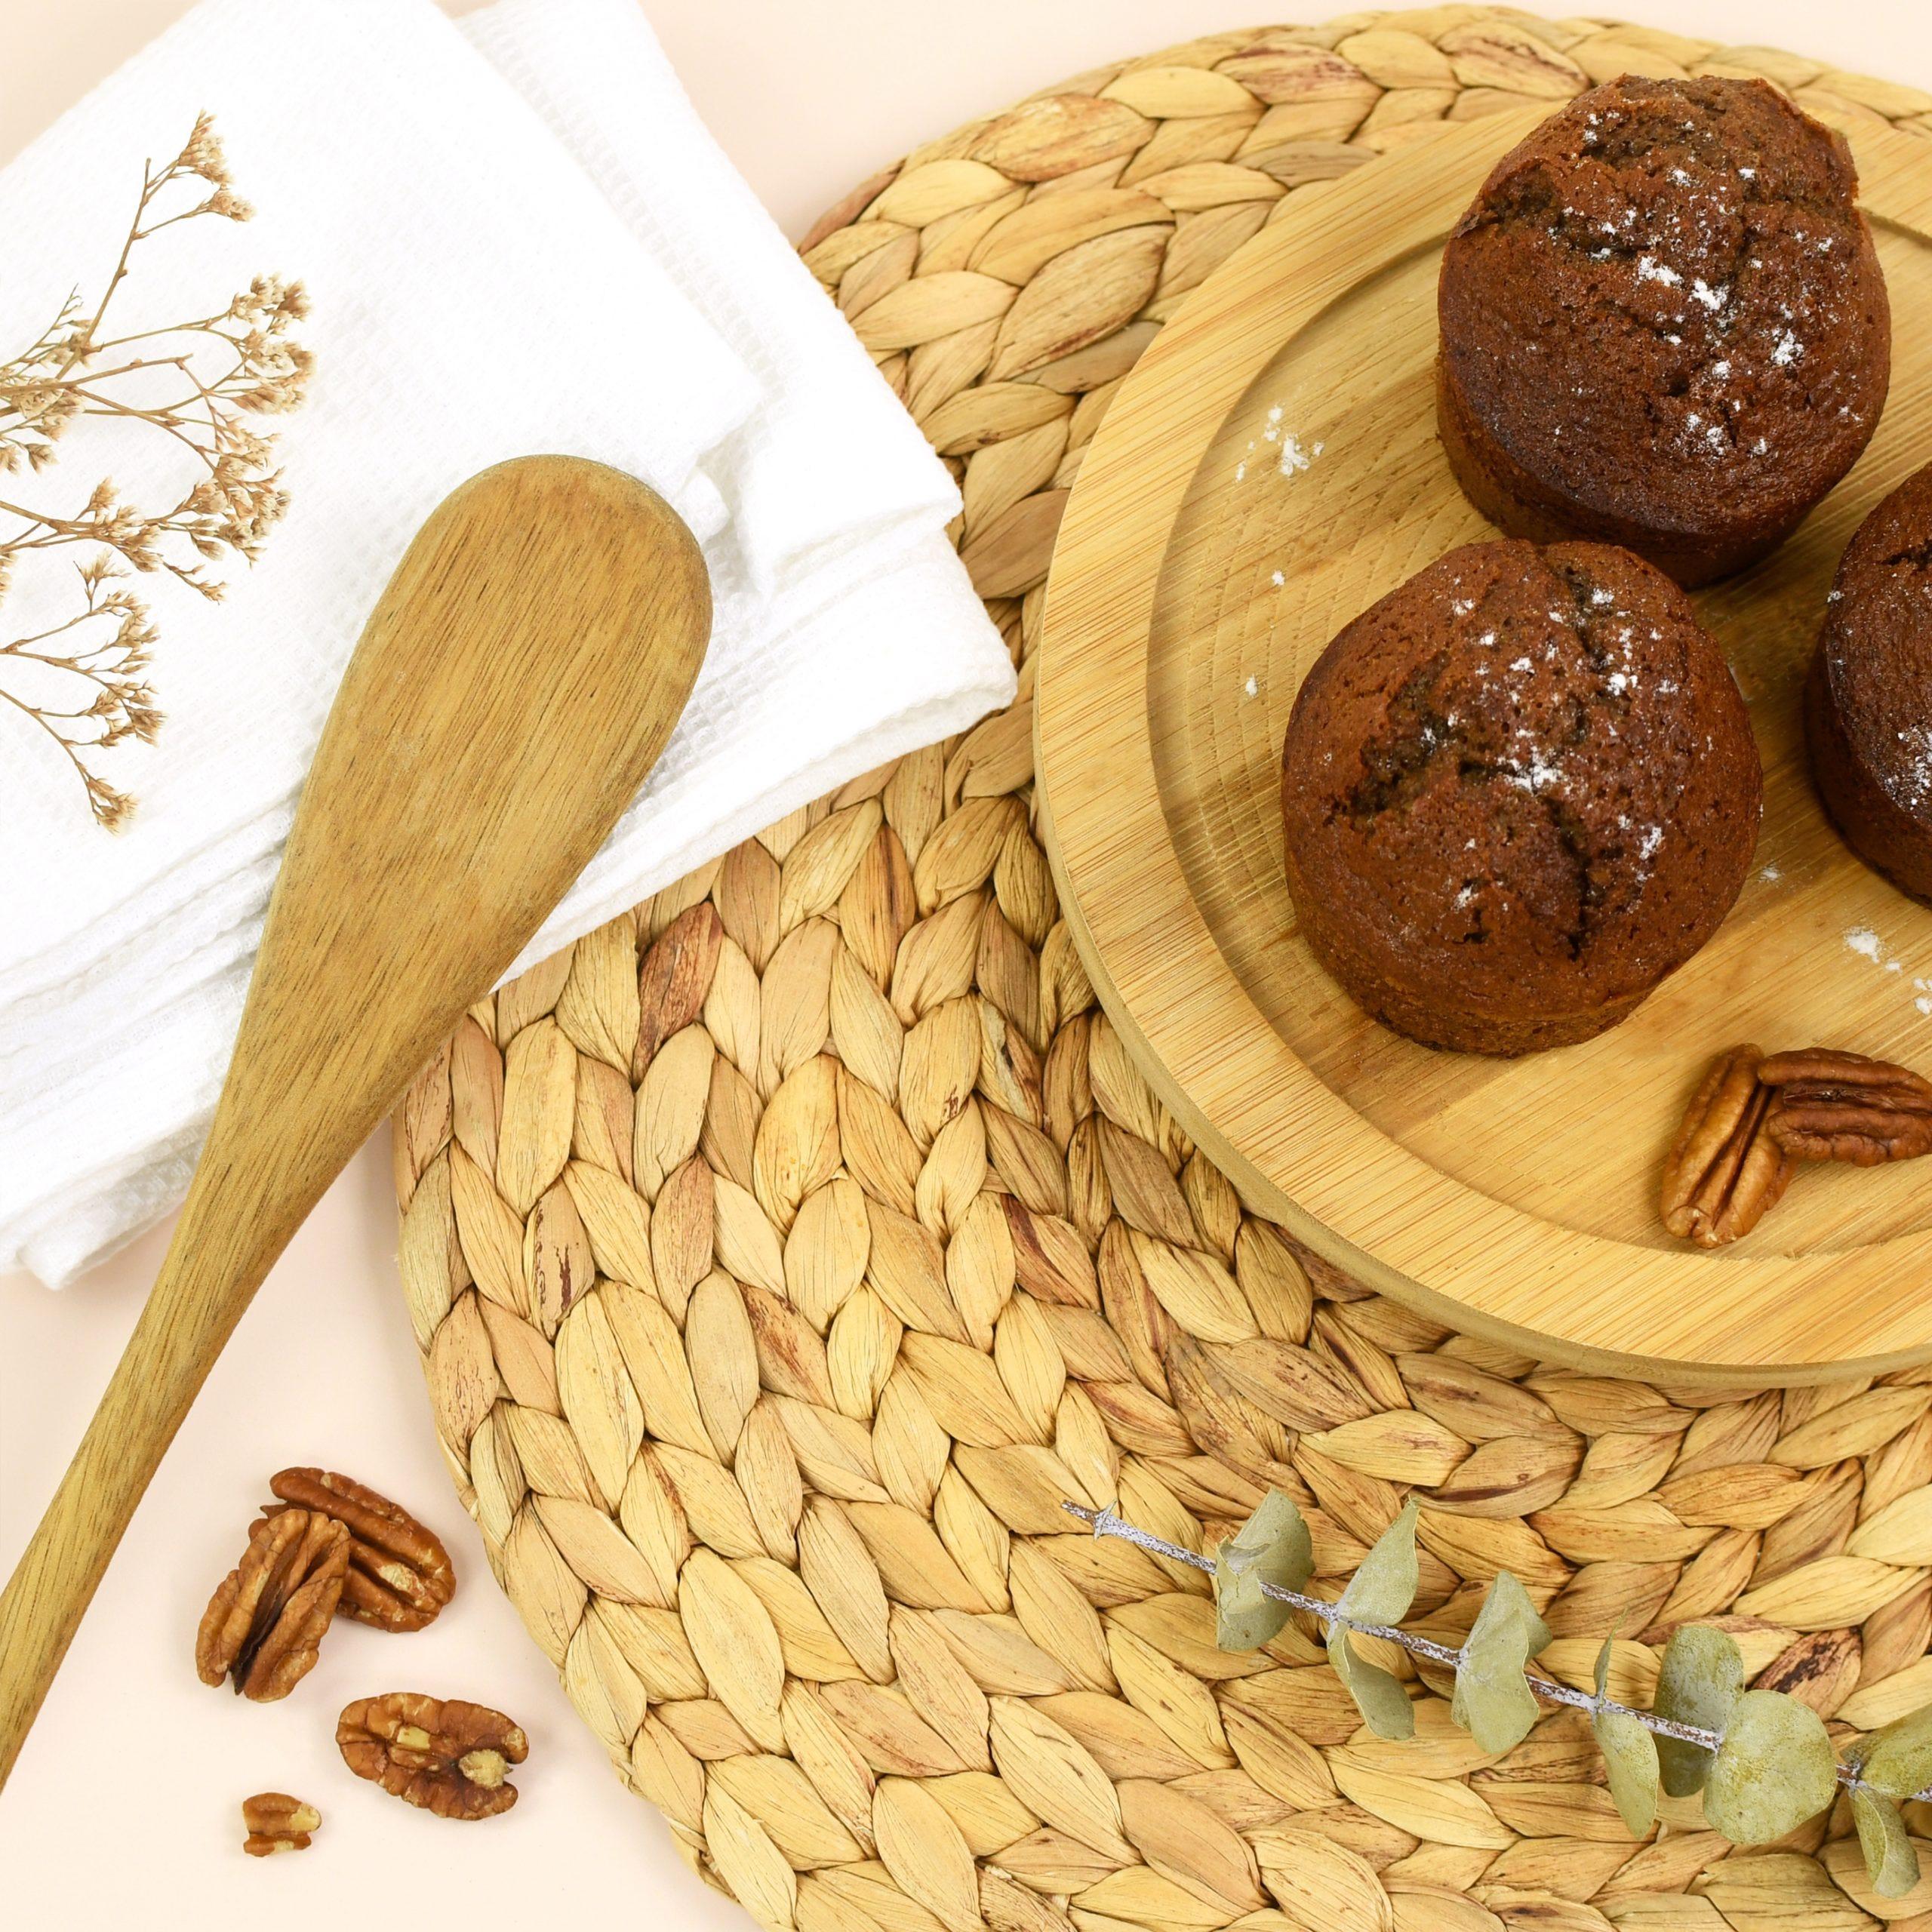 ¡No hay más escusas para privarse de esta saludable y sabrosa receta de muffins!